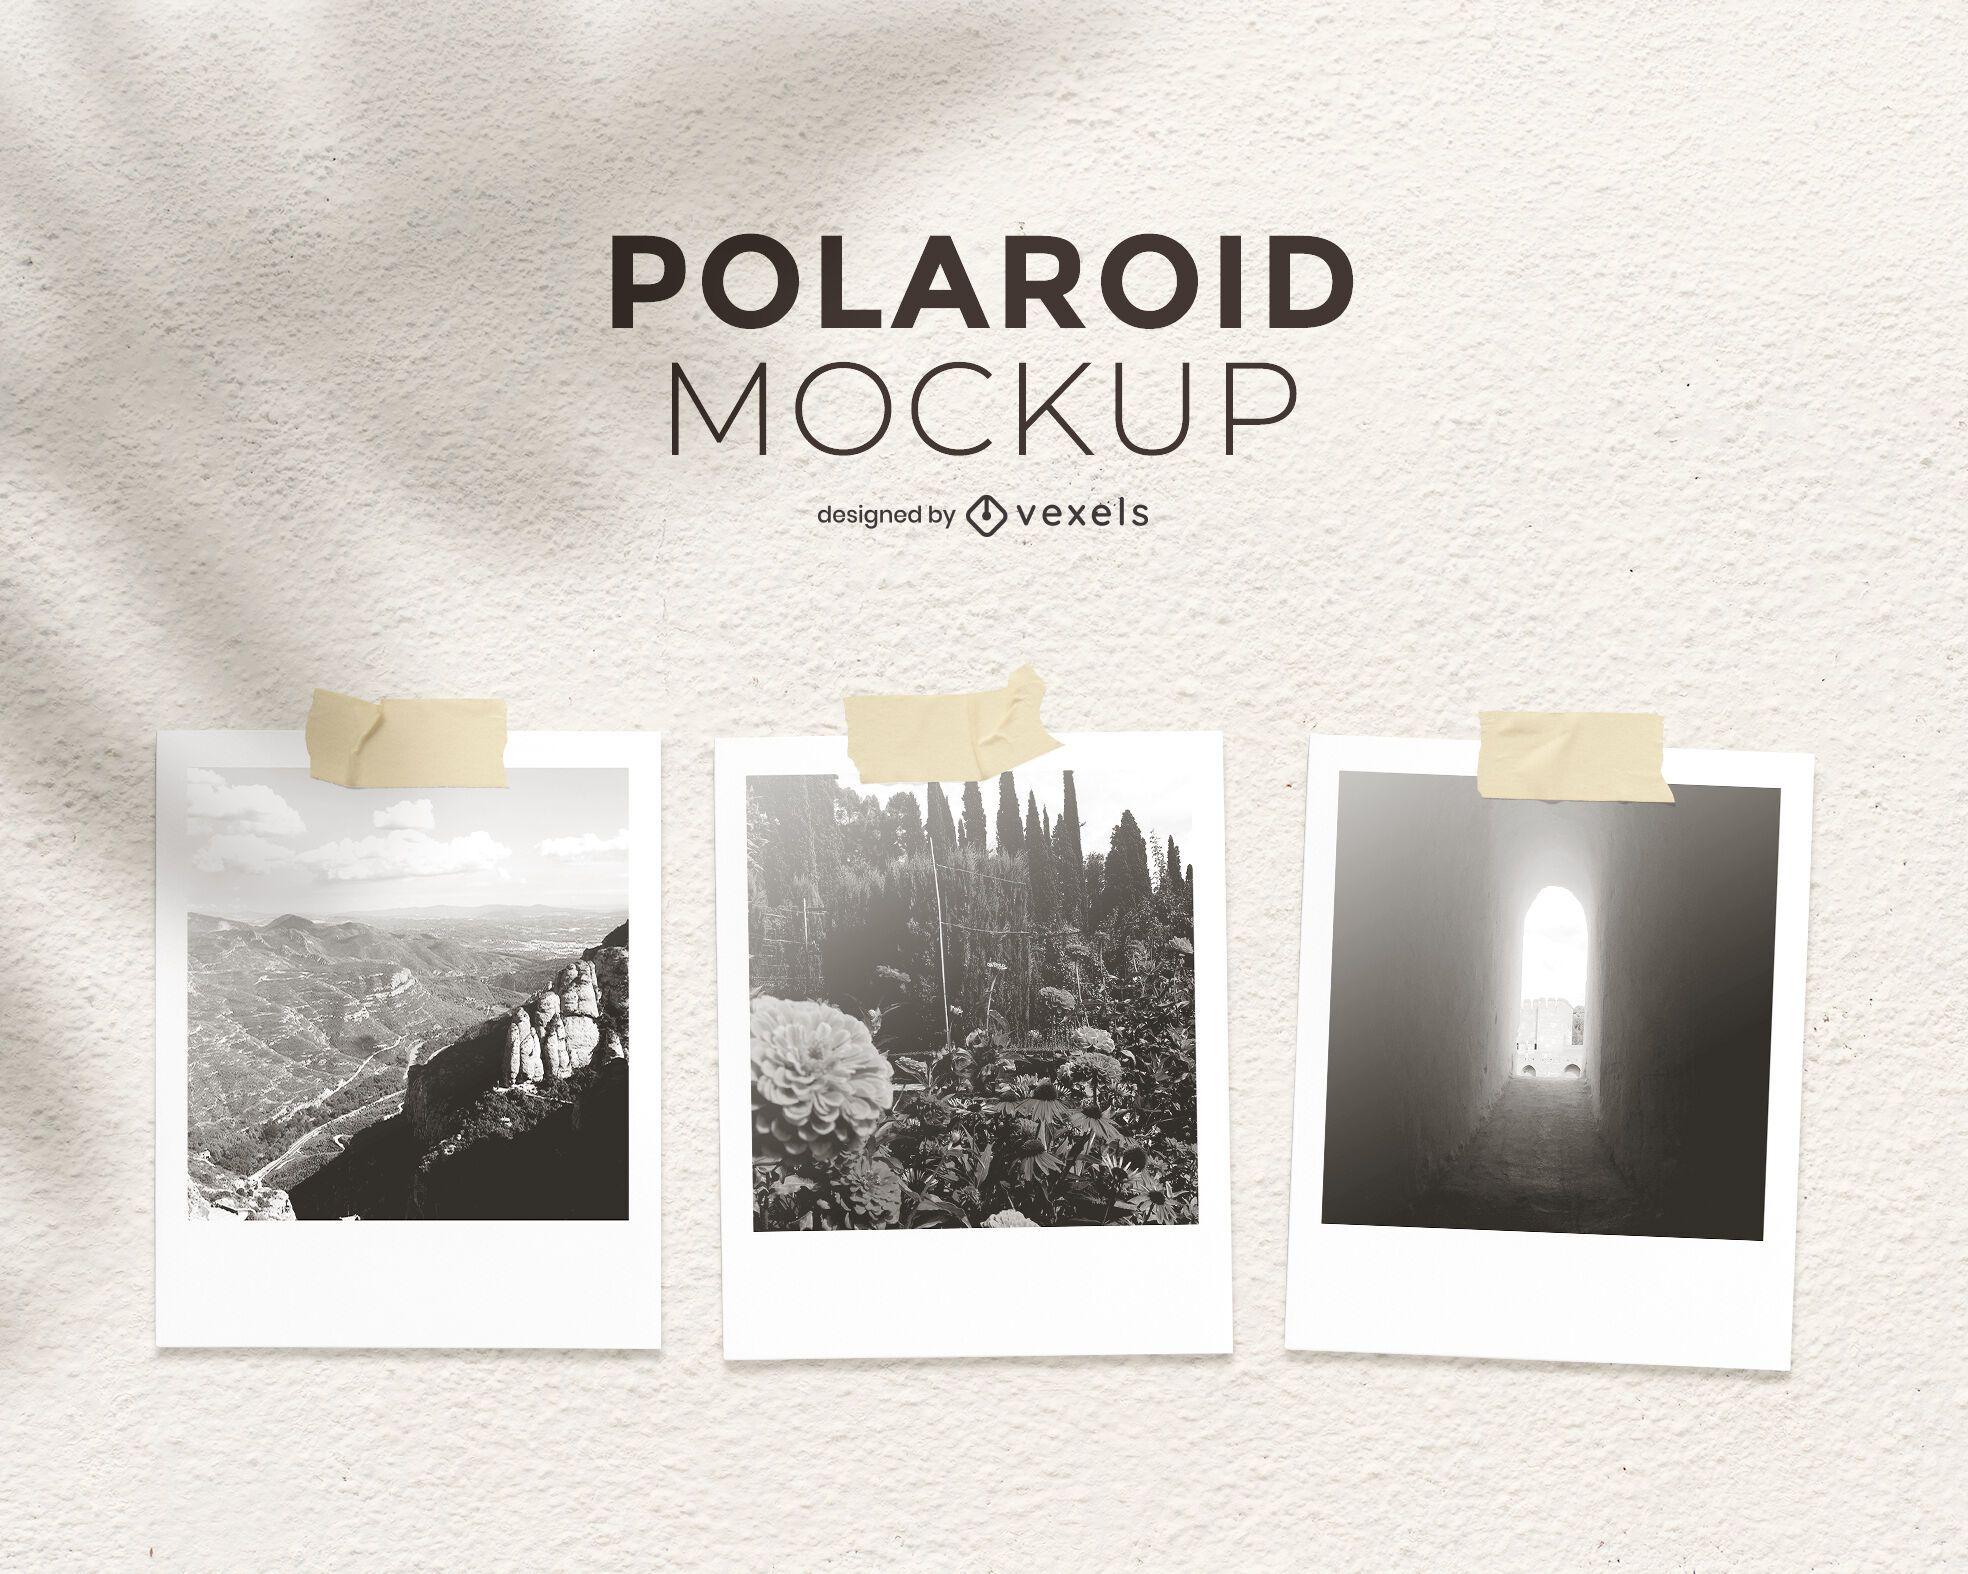 Diseño de maqueta de Polaroid set